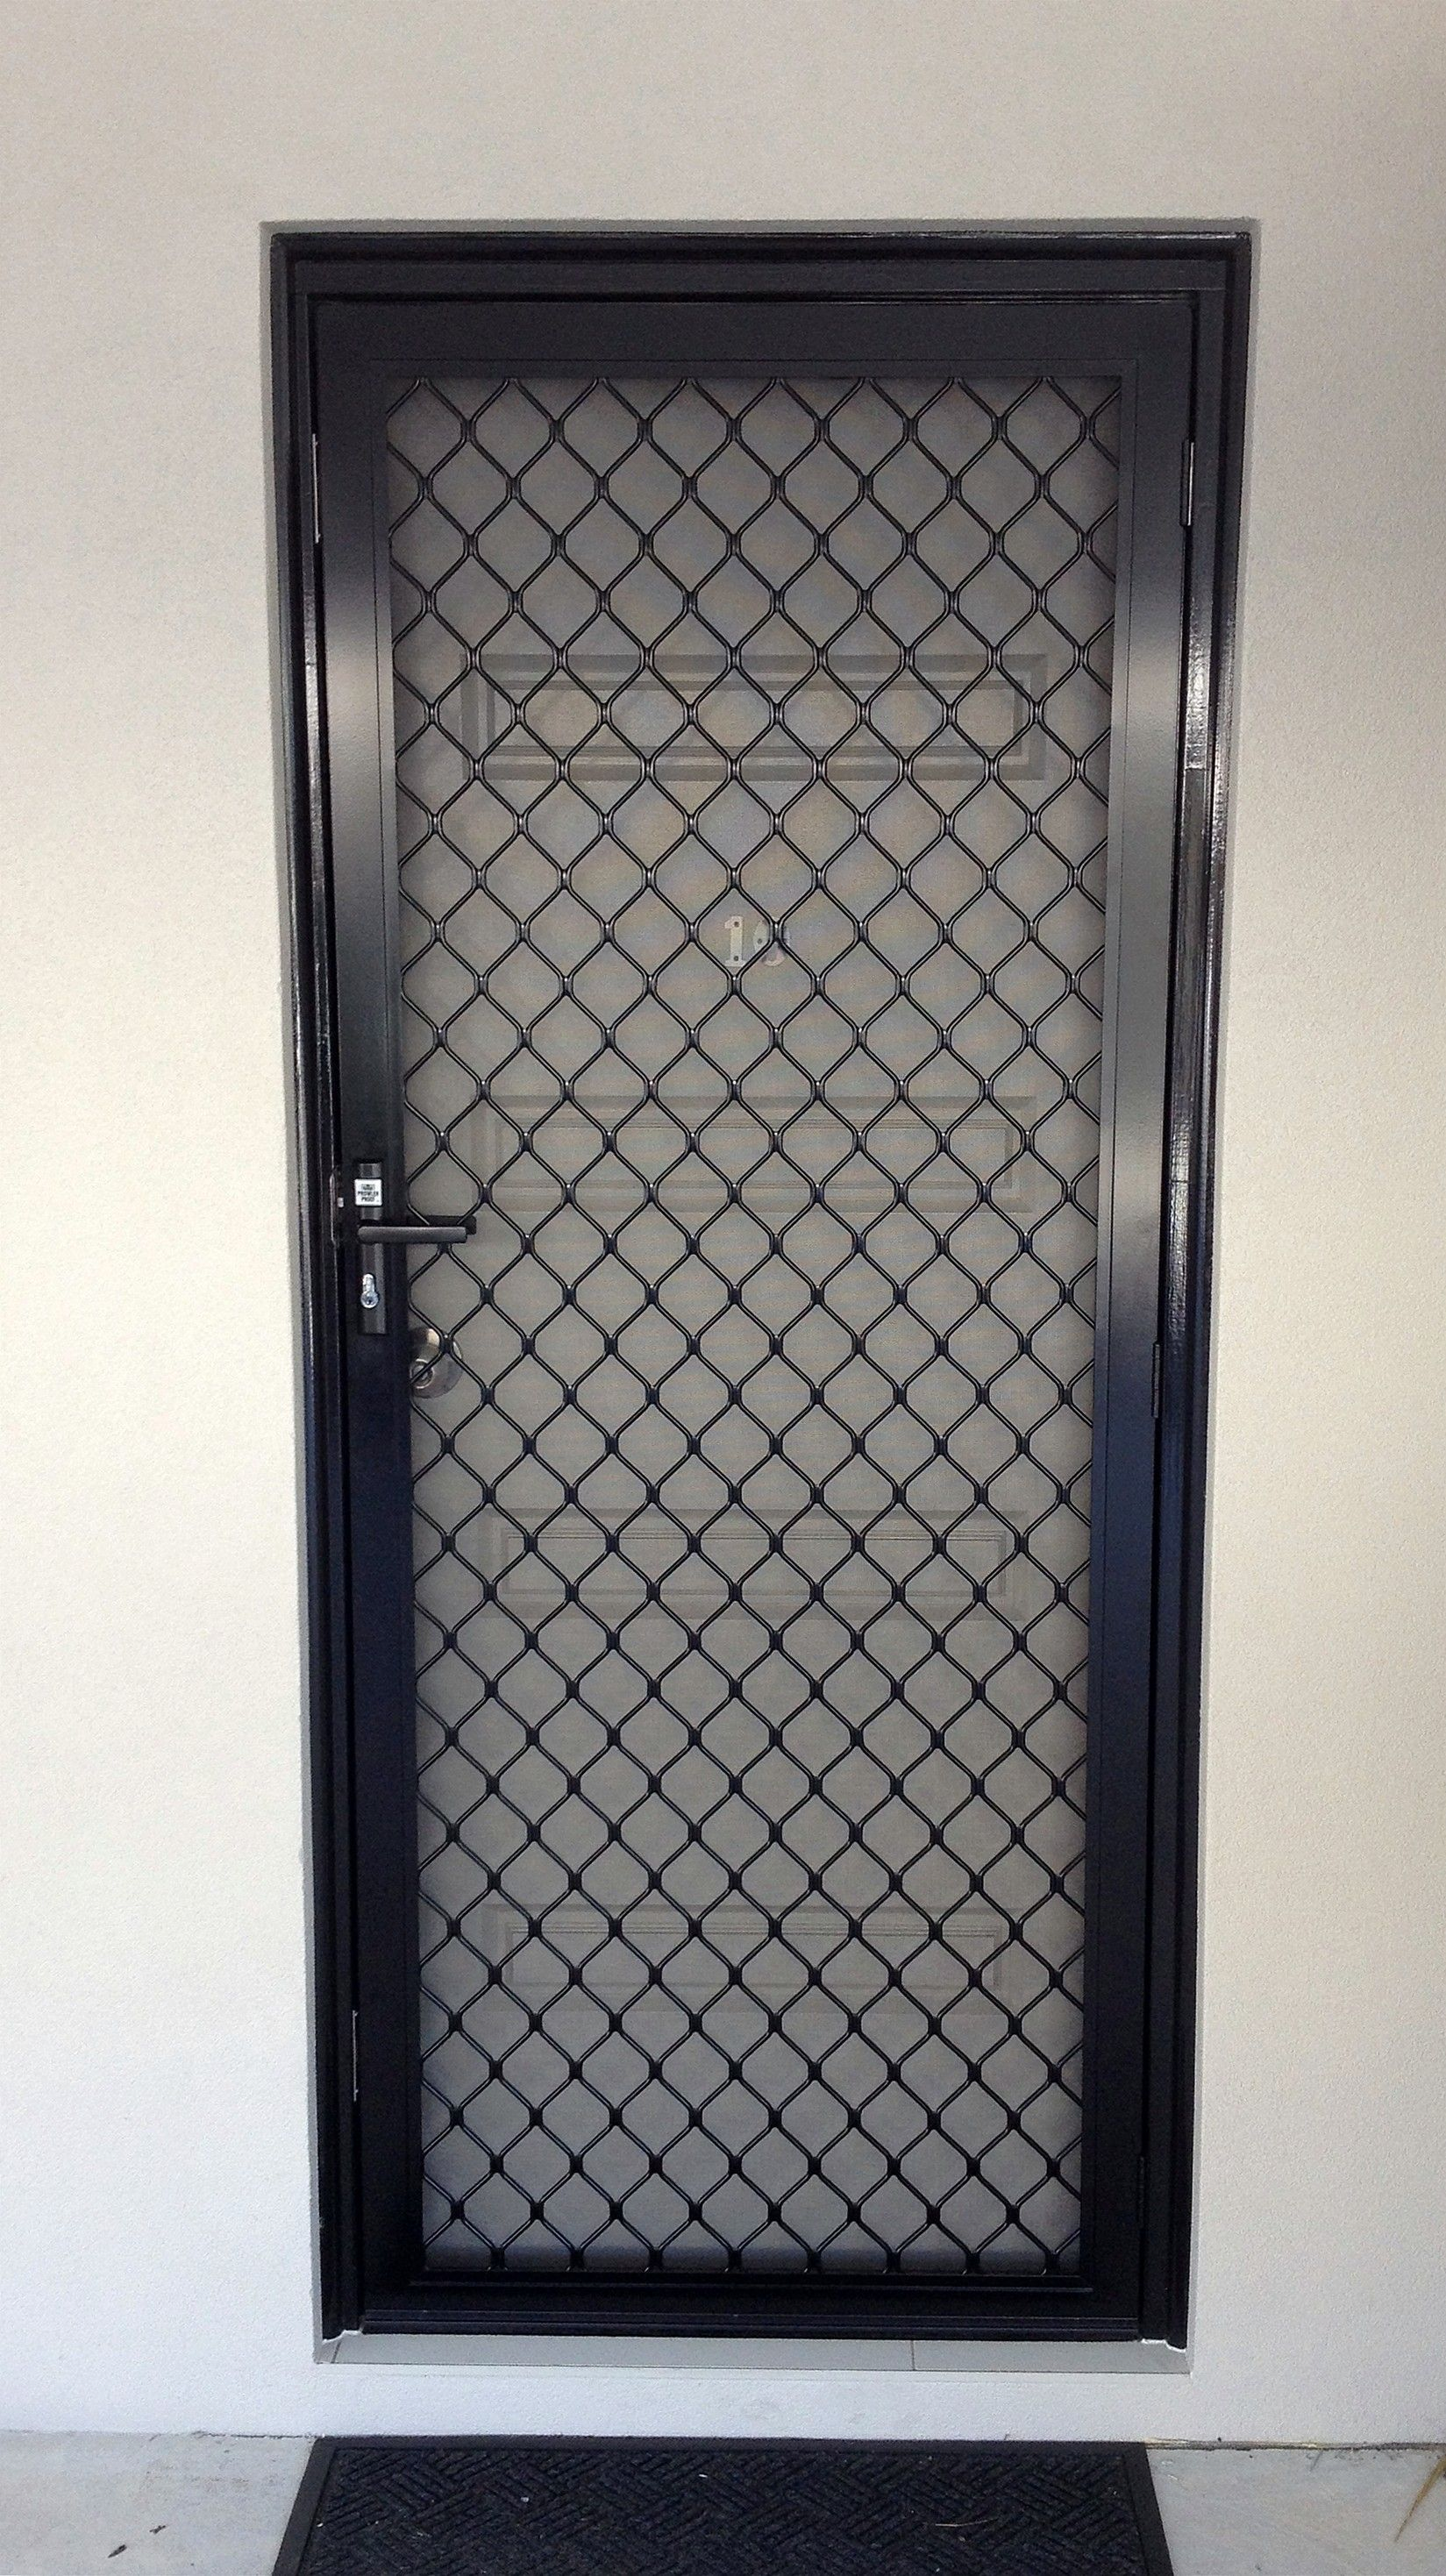 Pin By Sinta Yd On Pintu In 2020 Metal Screen Doors Grill Door